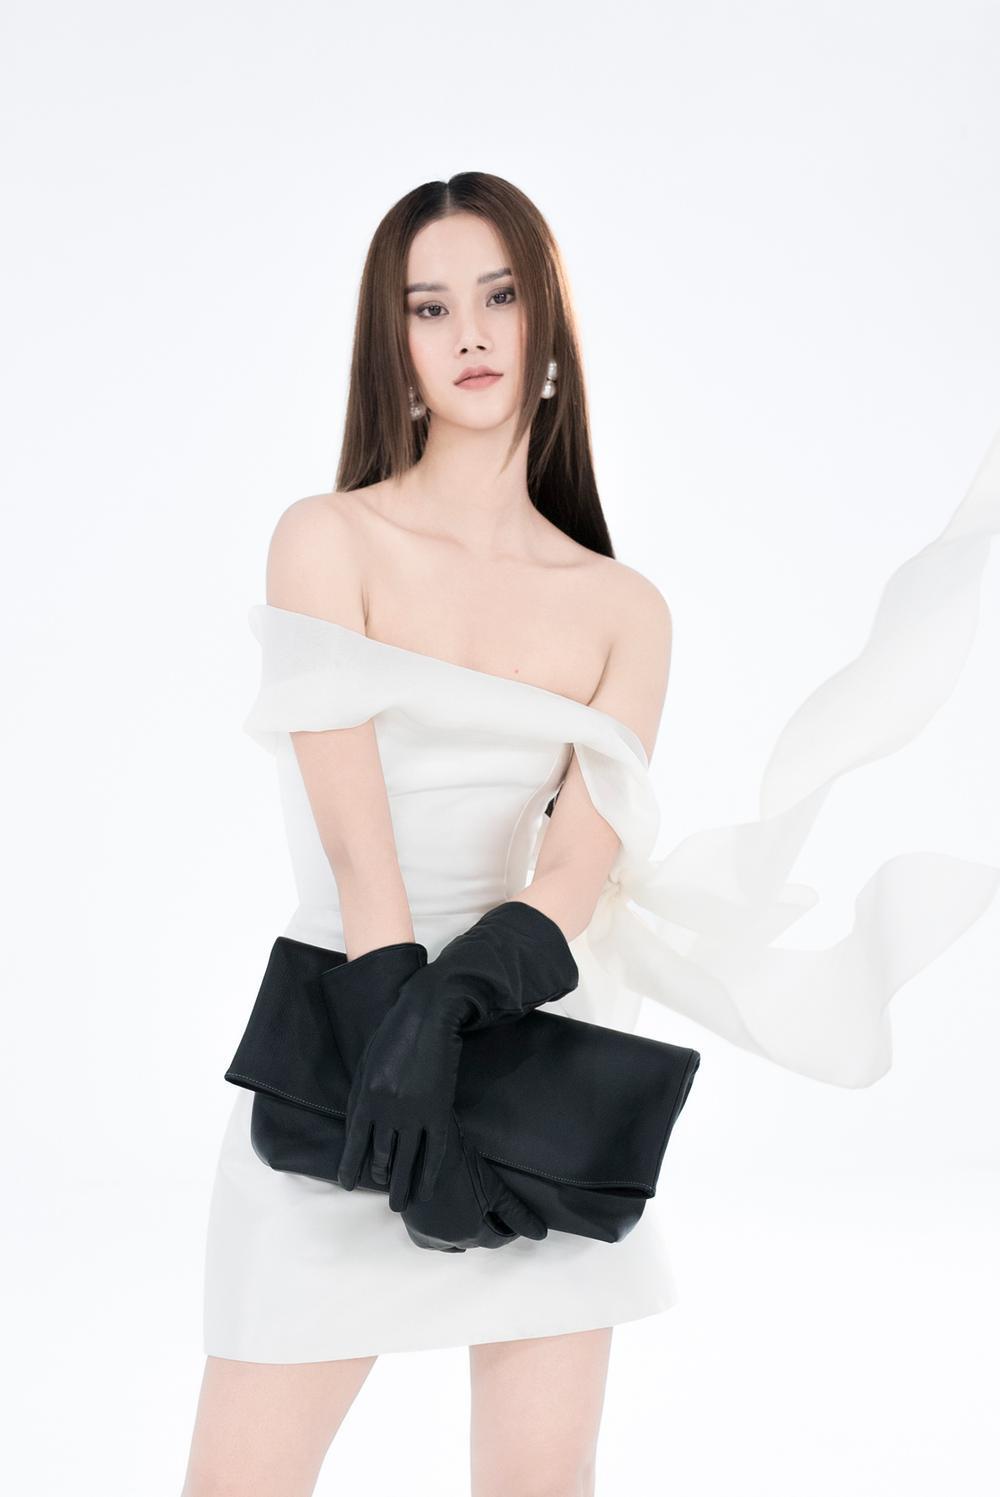 NTK Trần Hùng ra mắt BST tại London Fashion Week, chỉ dùng một người mẫu duy nhất Ảnh 26